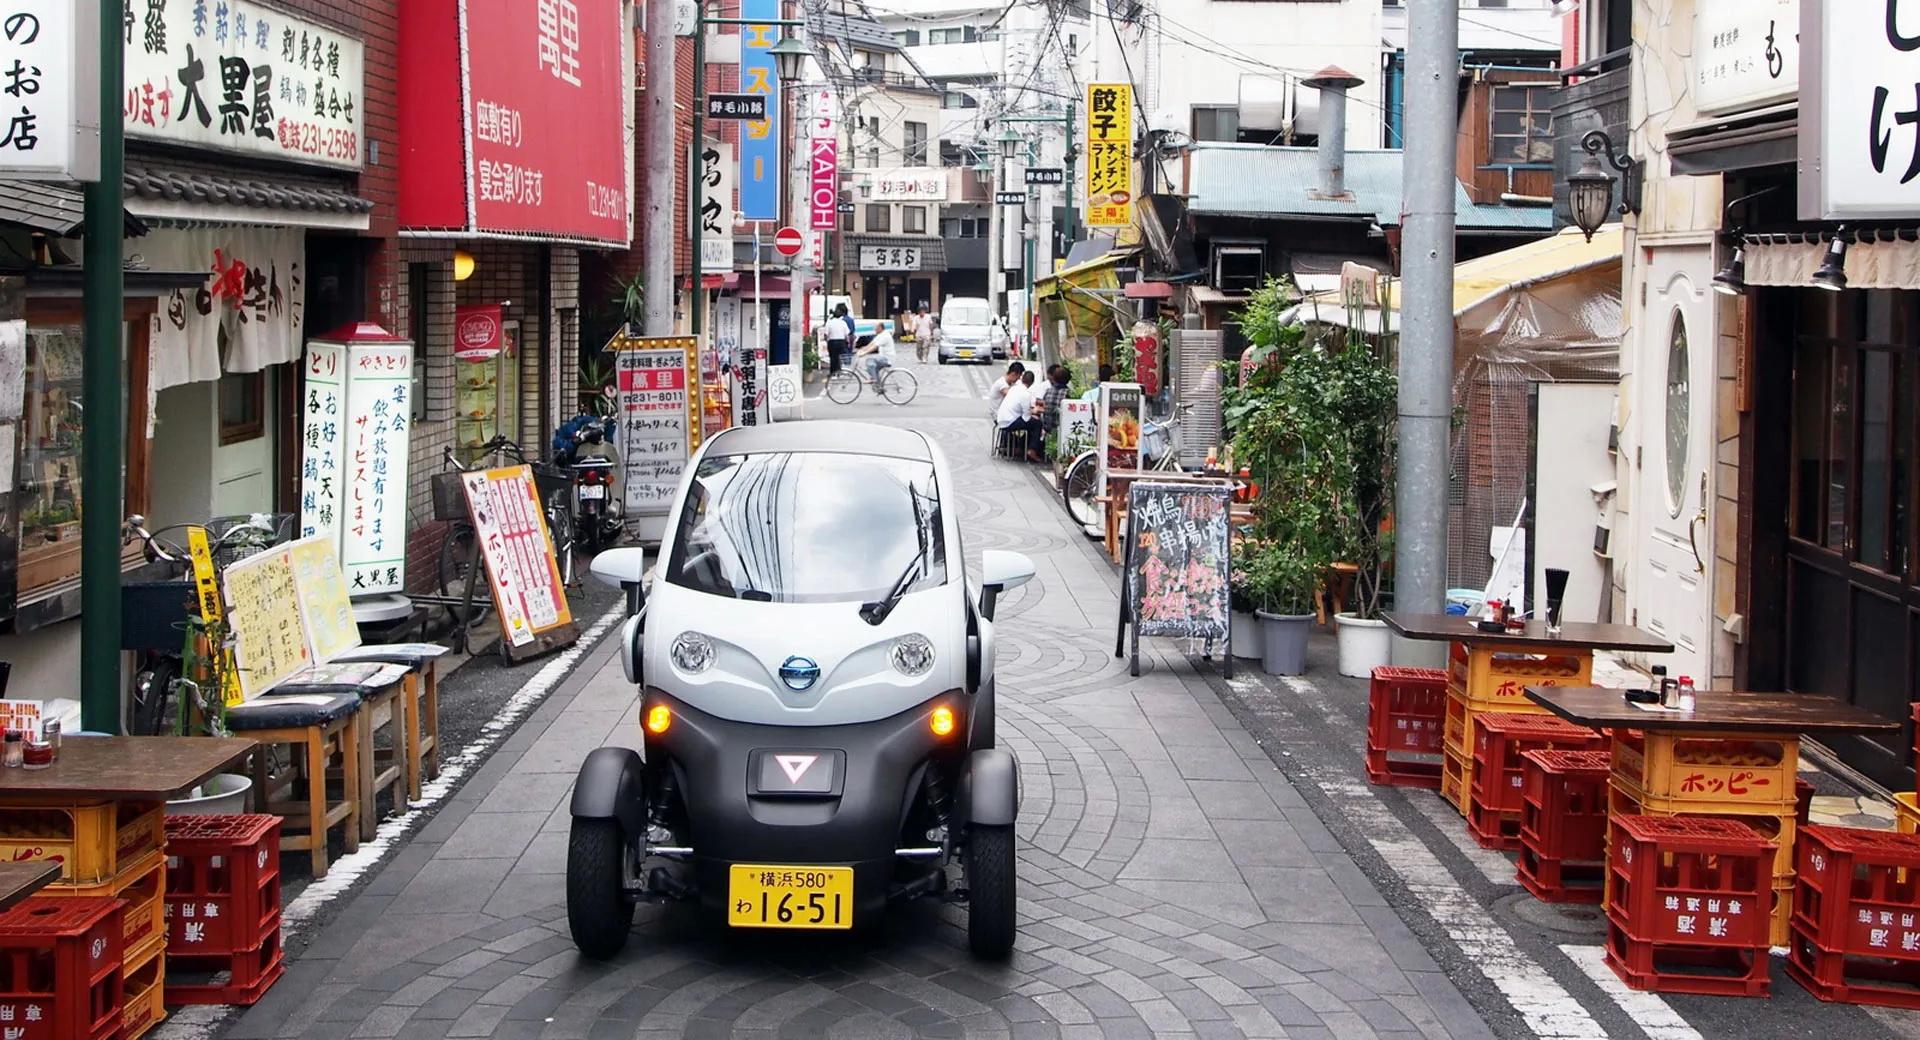 Nhiều hãng xe có sản xuất tại Trung Quốc đang gặp khó khăn về linh kiện